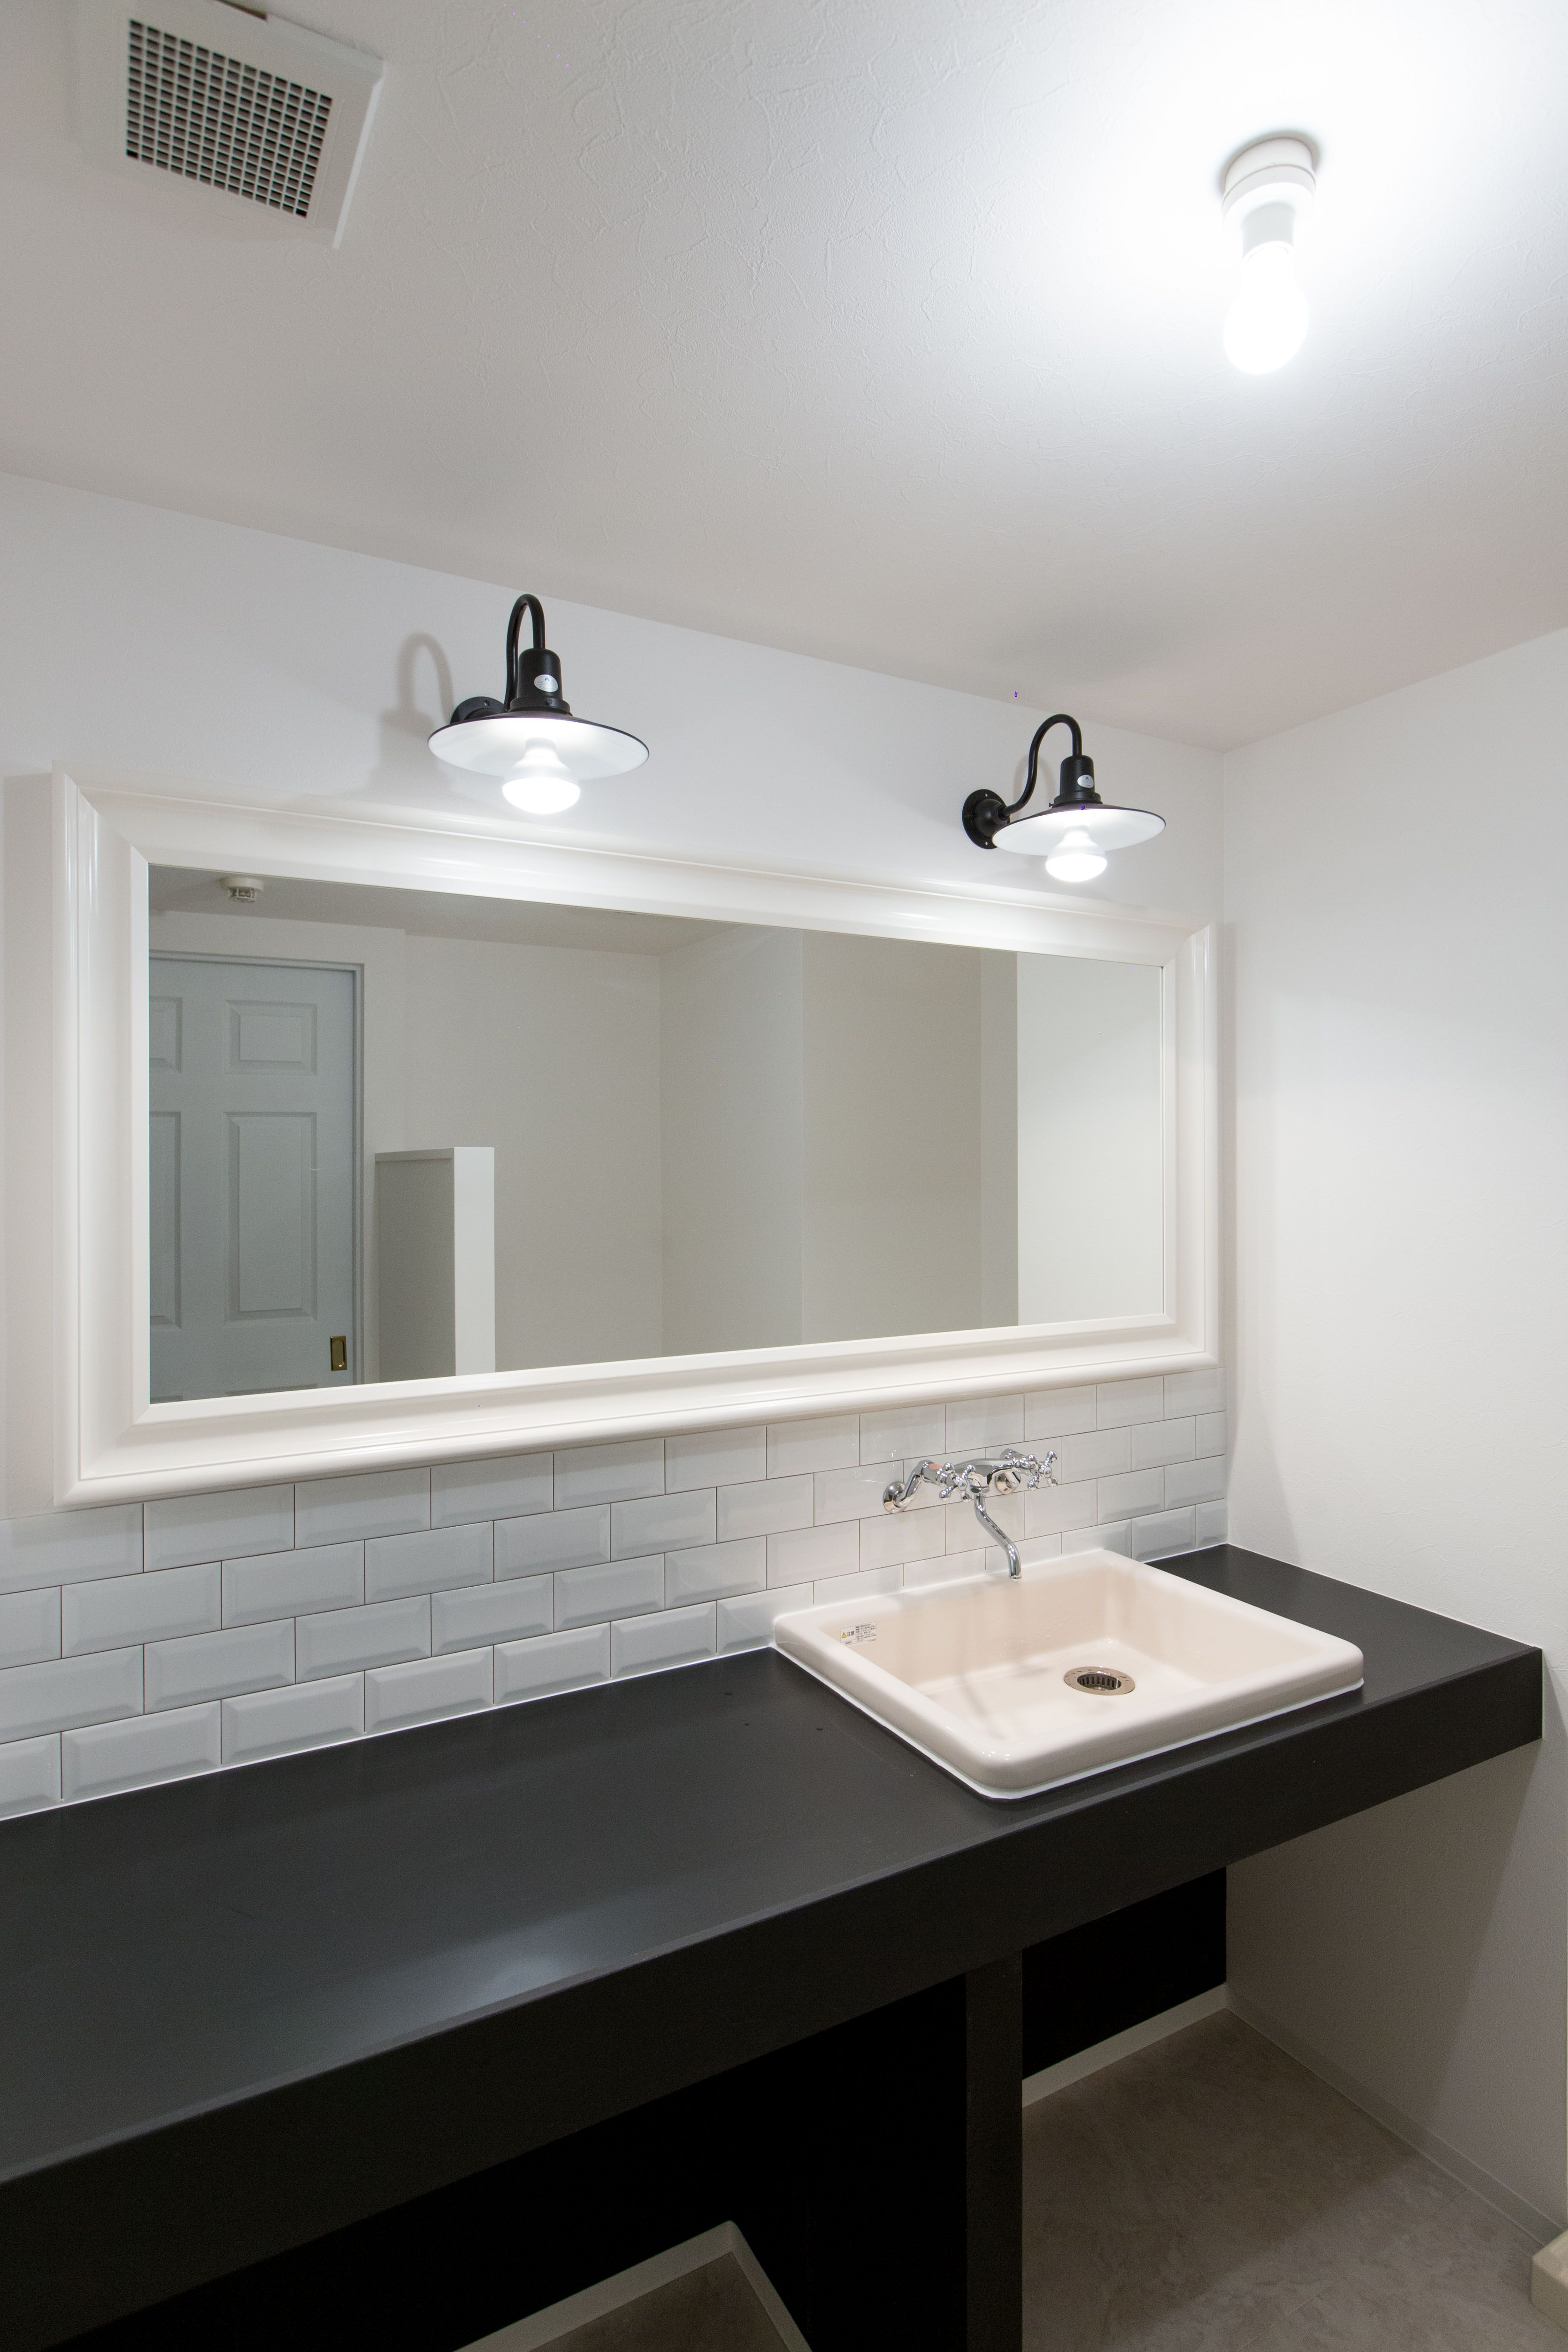 洗面室 かなりエレガントですね 鏡もかなり大きく 額縁の様で素敵